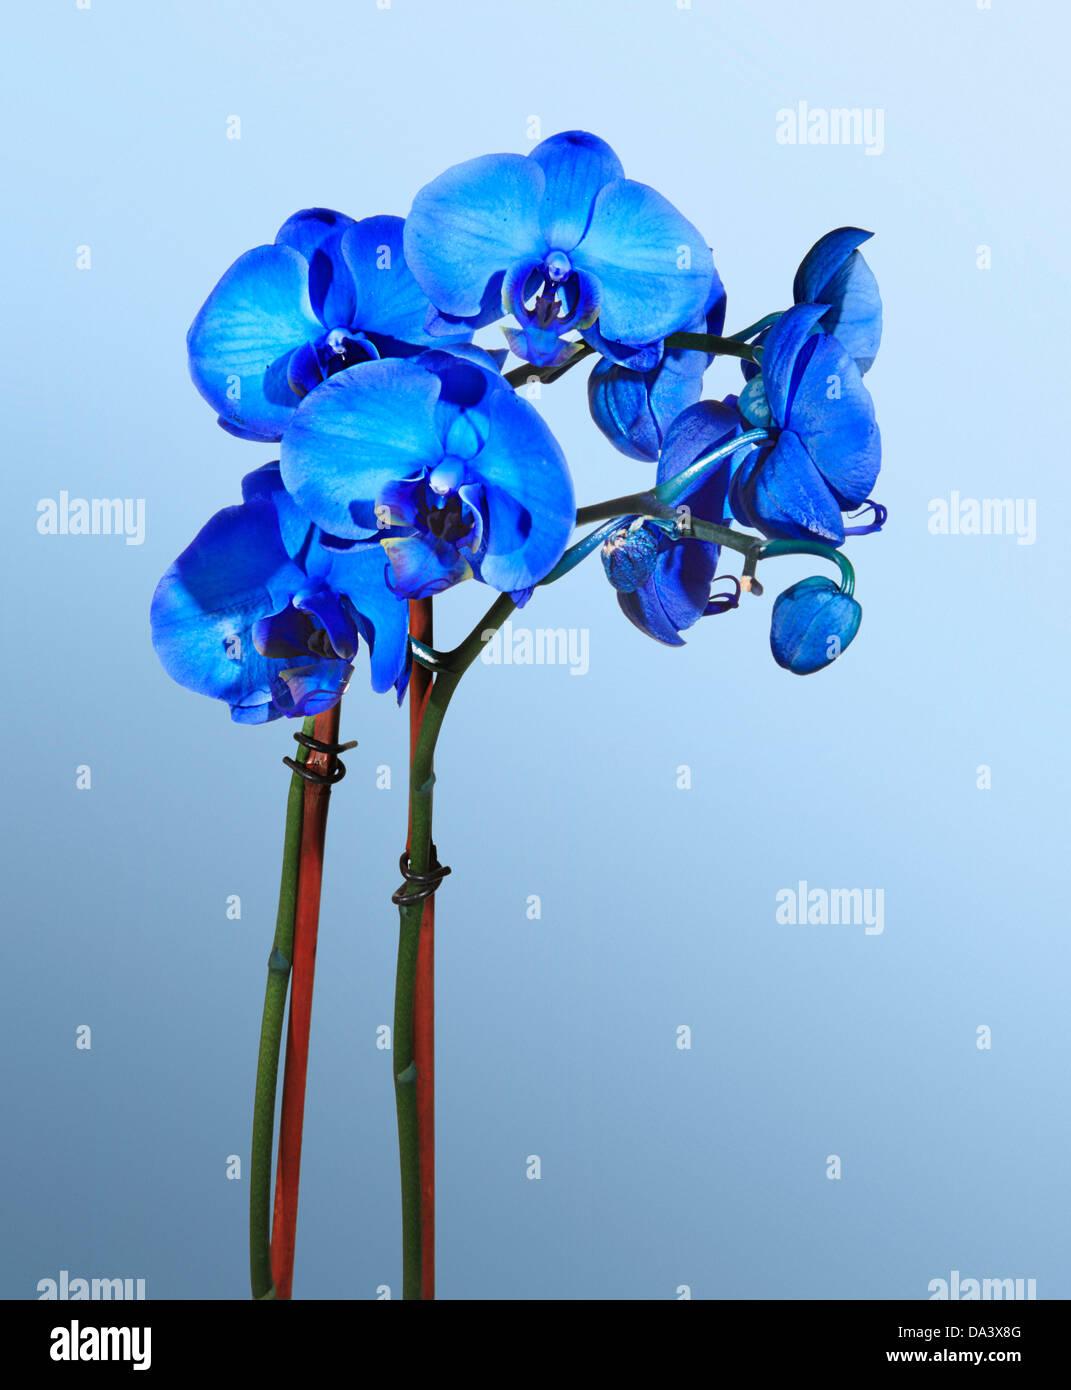 Blumenstilleben, blaue Orchideen gegen einen hellblauen Hintergrund Stockbild